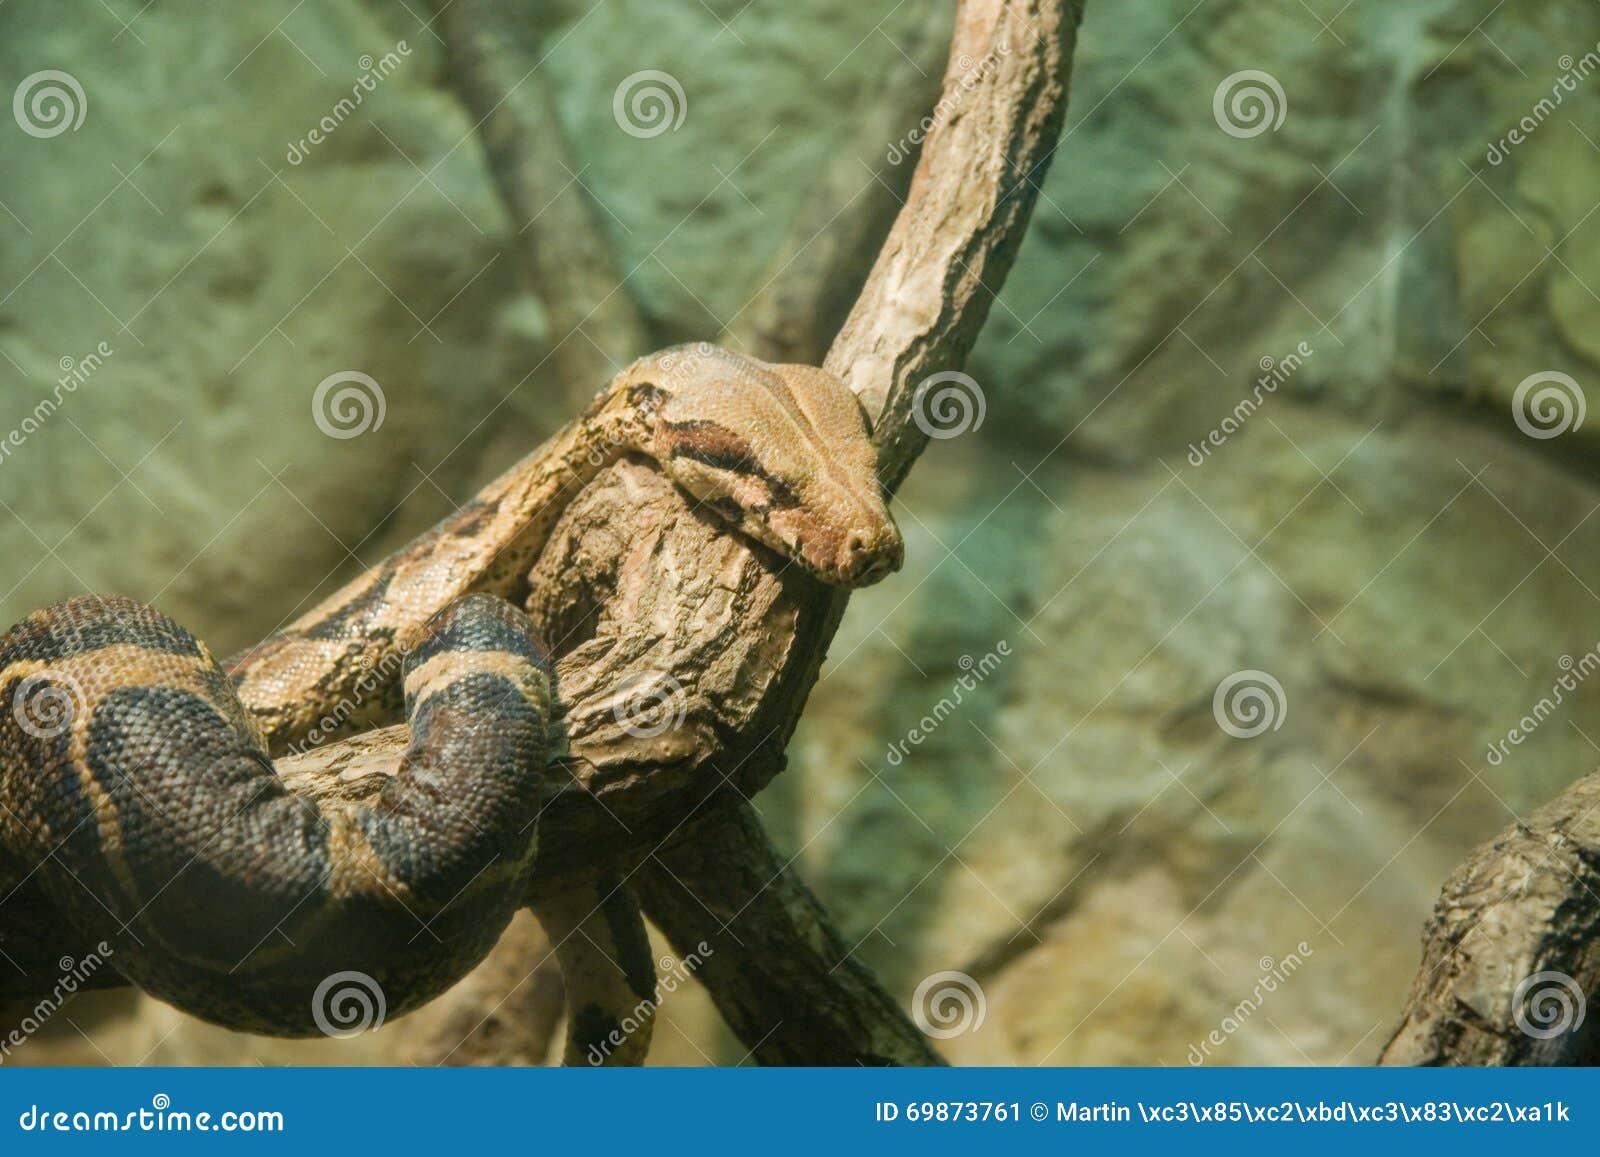 梦见大蟒蛇挡住去路